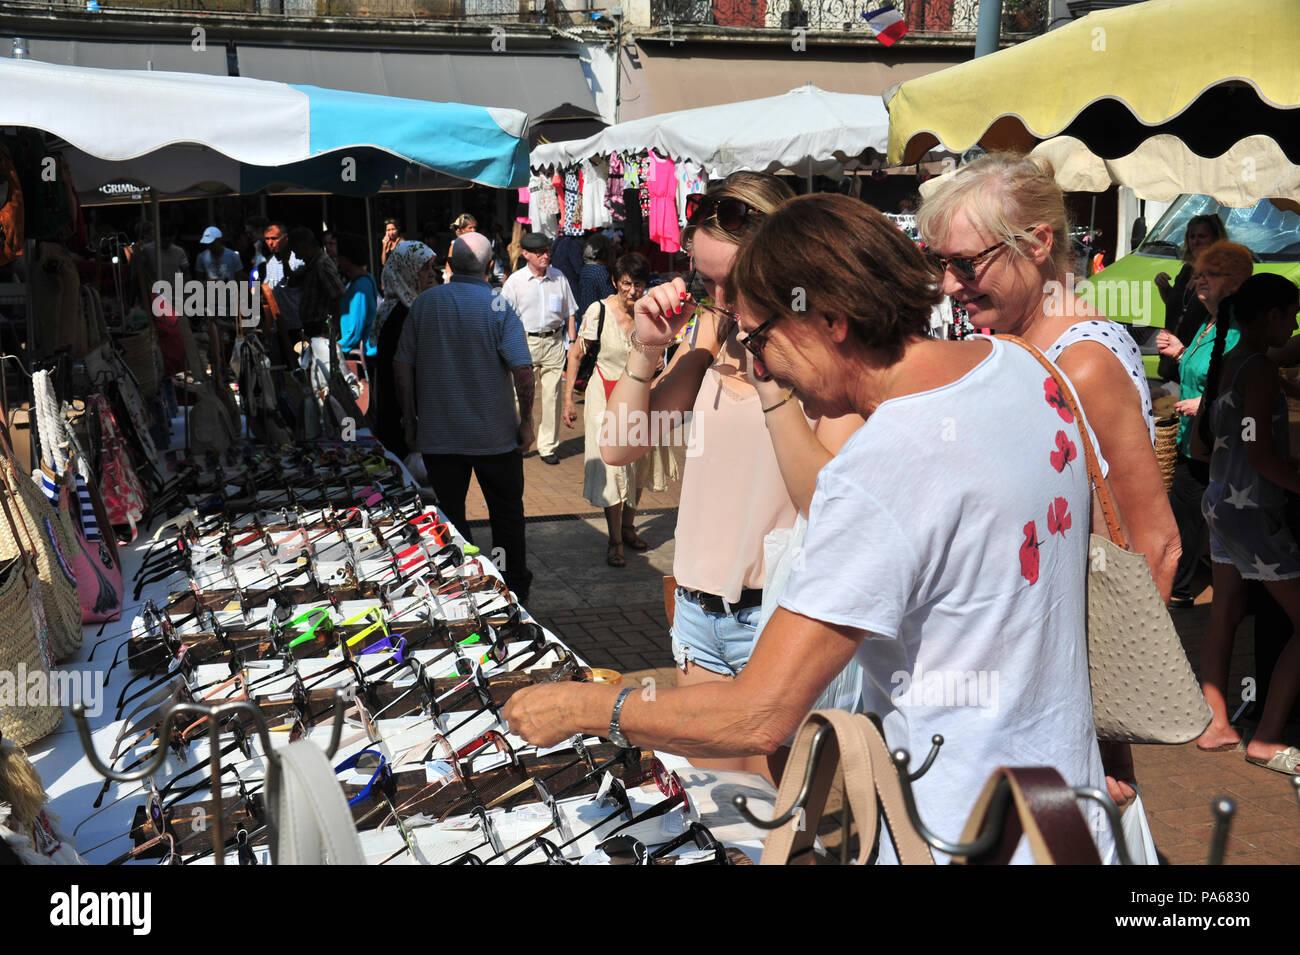 44ec6efb06 Un grupo de amigas de compras y tratando de gafas de sol en un puesto en